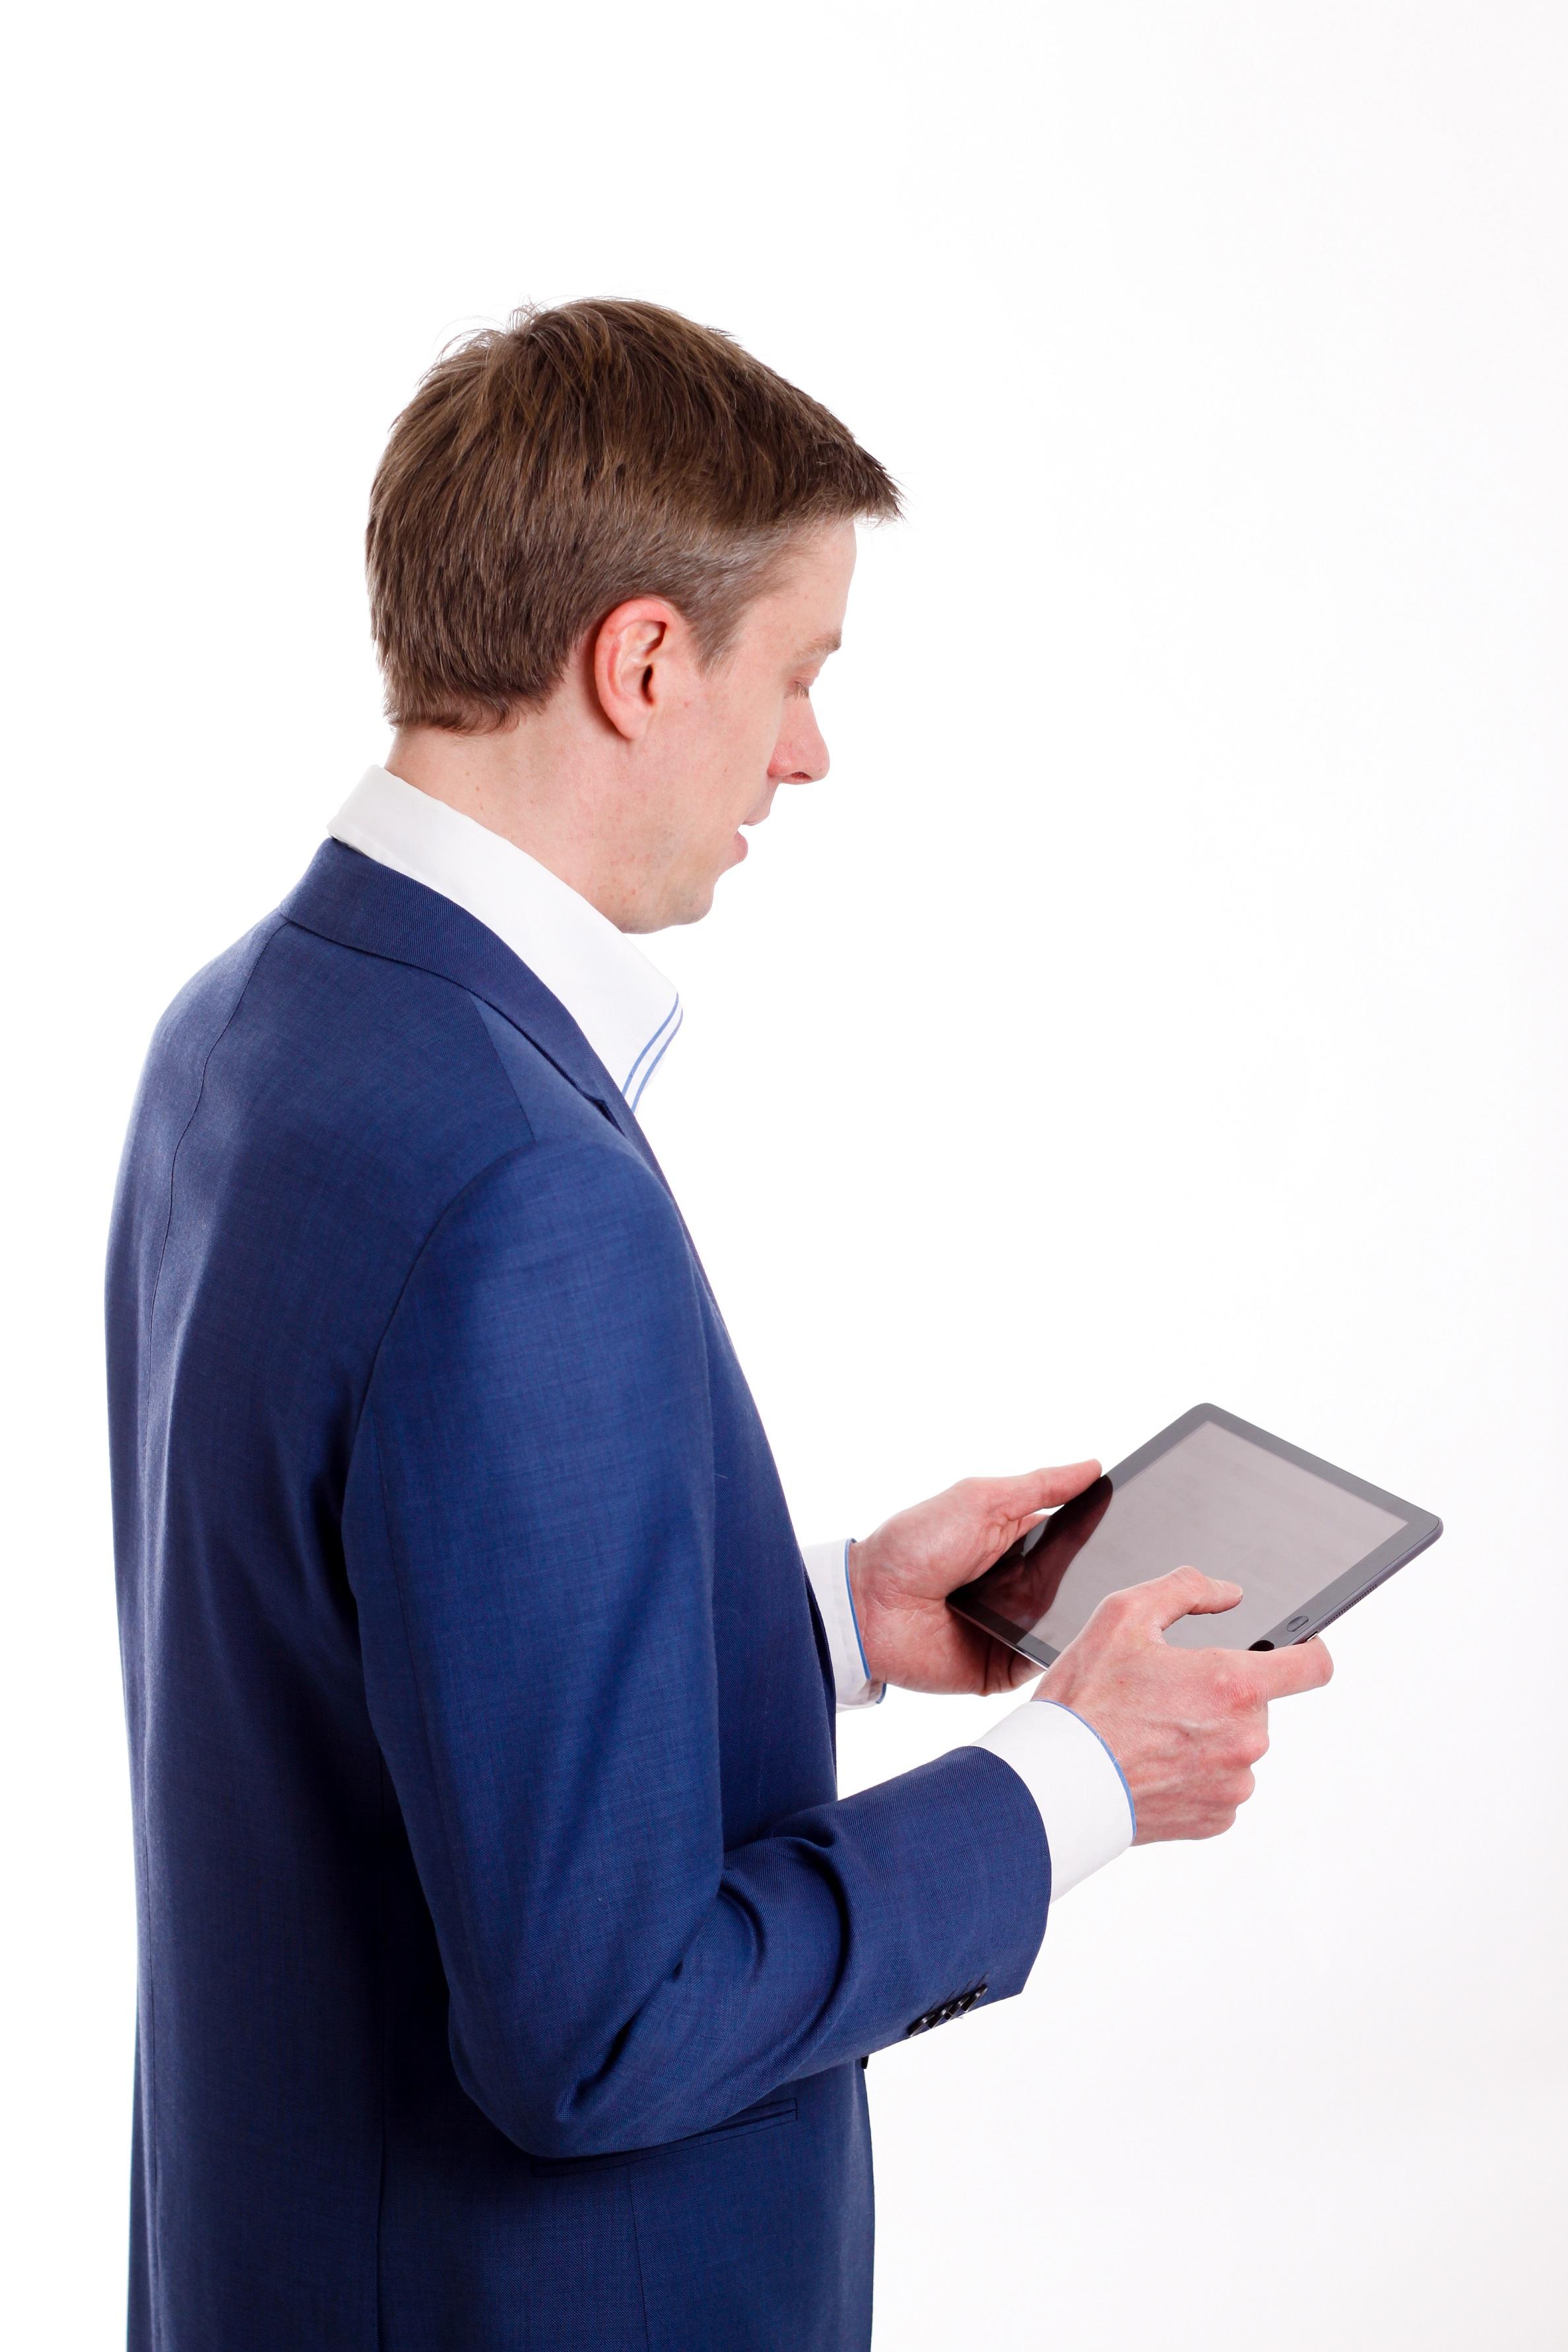 Toegevoegd notaris procedure